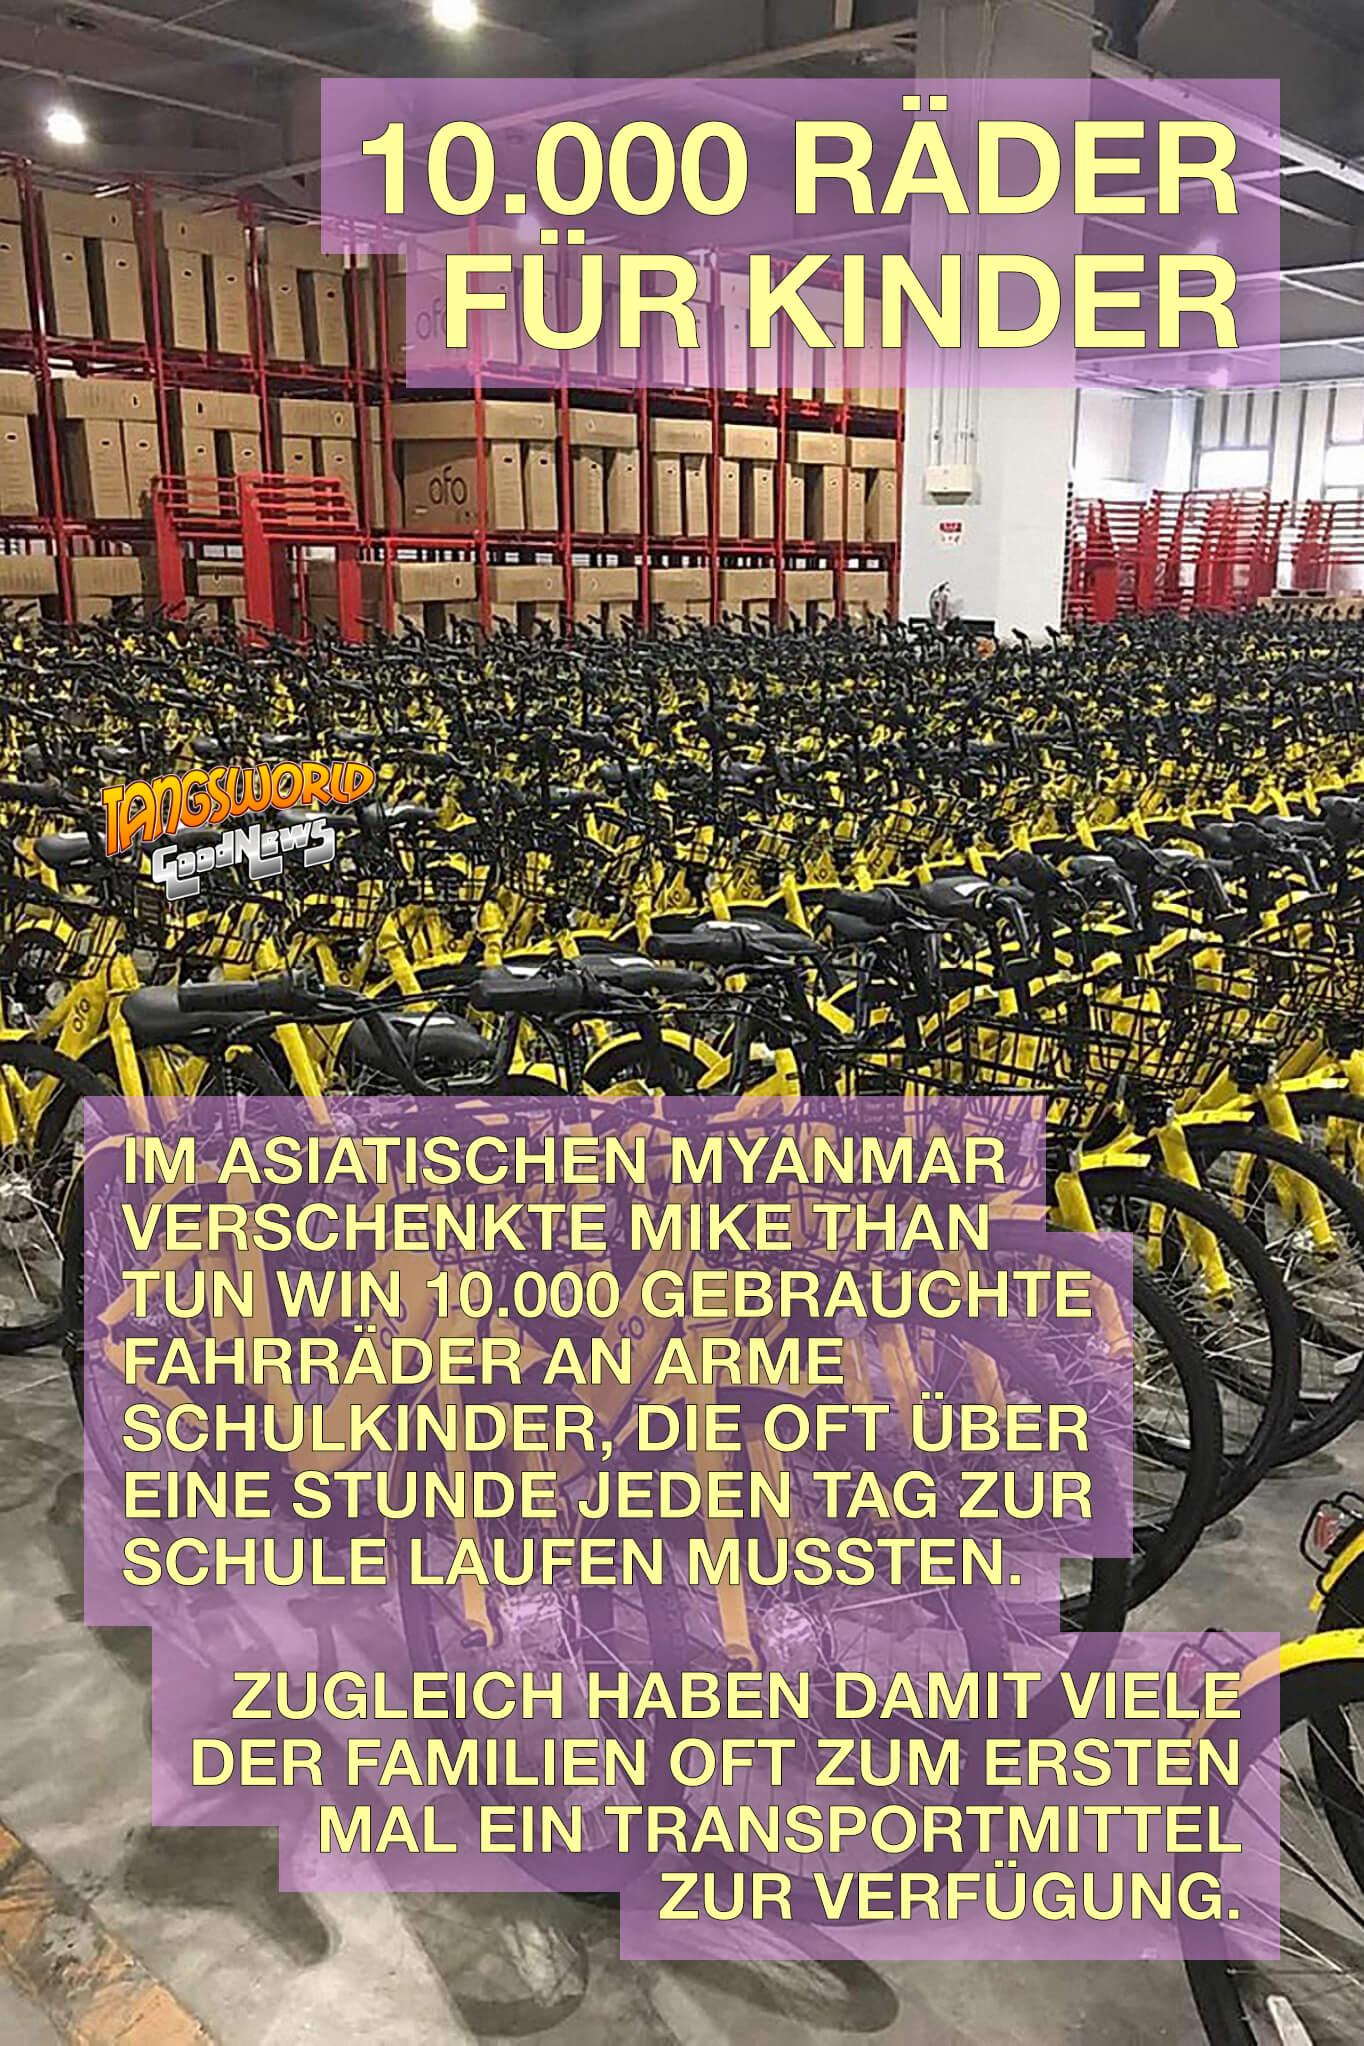 10000 Räder für Kinder - GoodNews